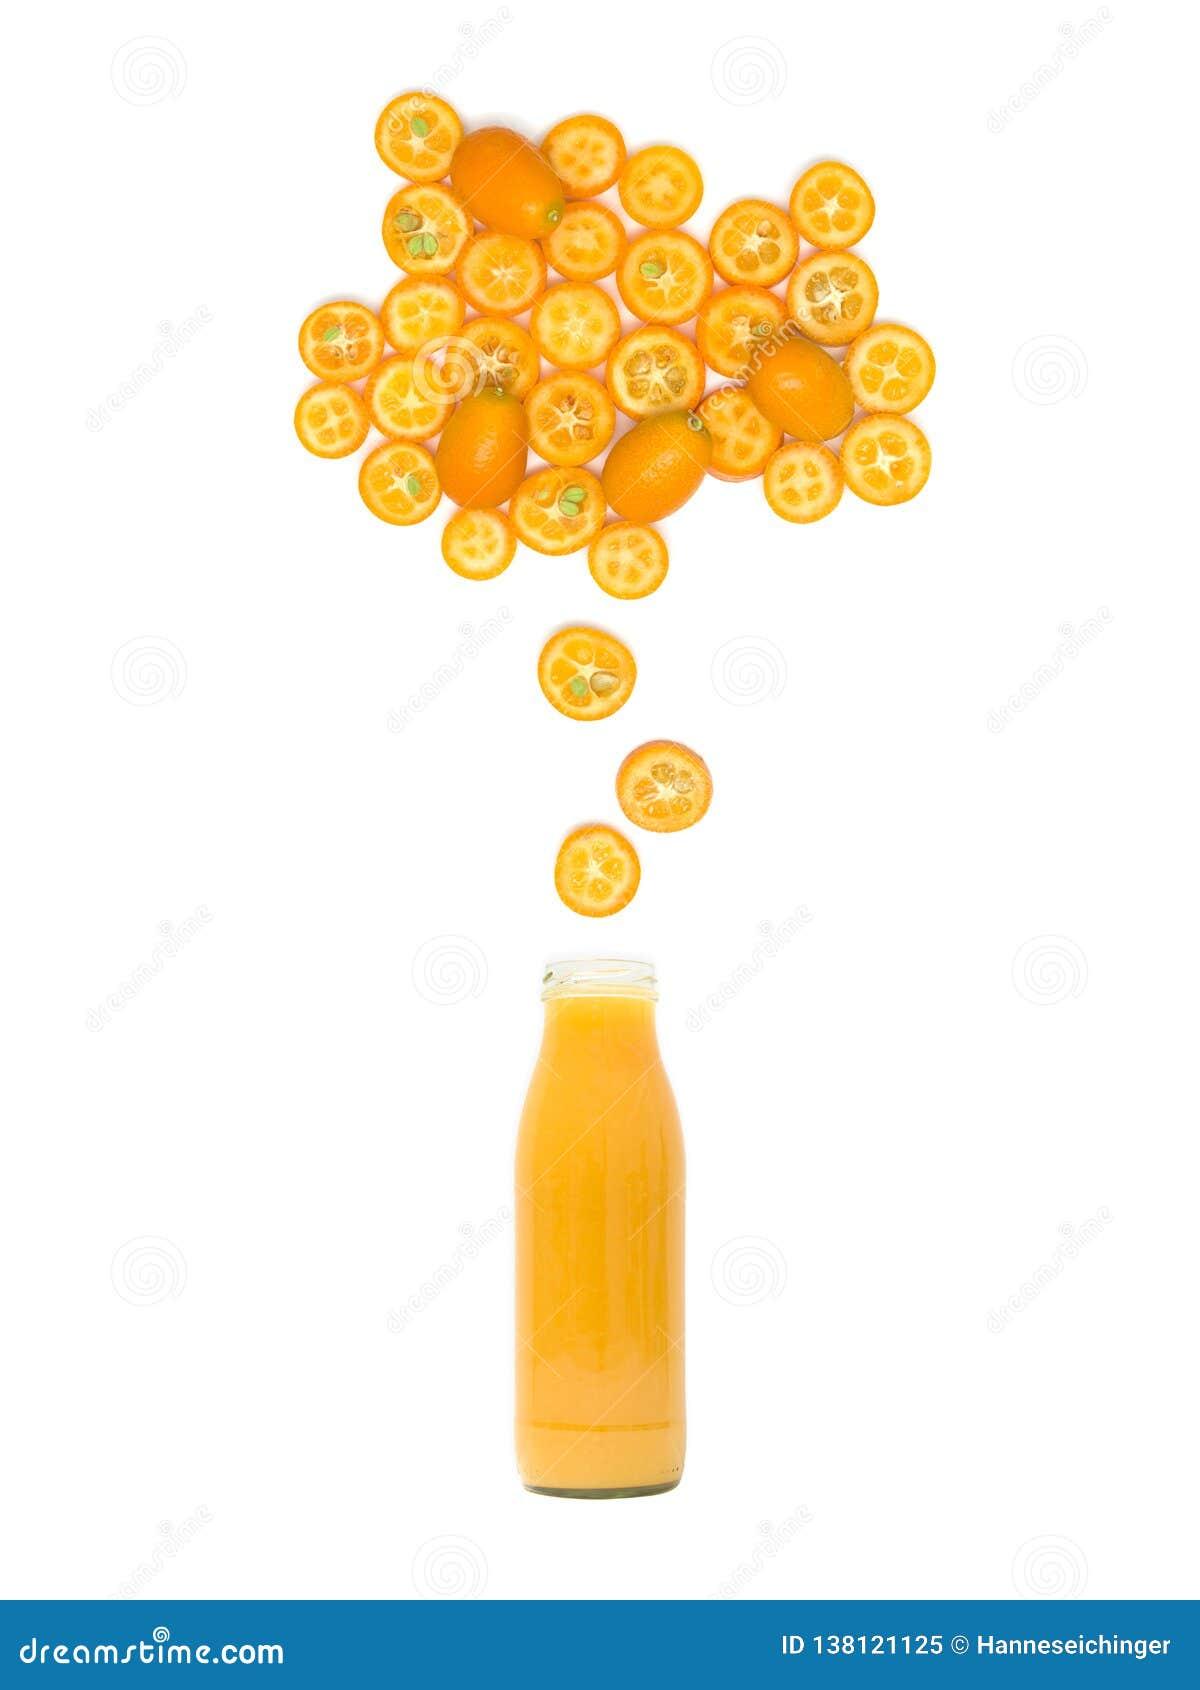 De fles met vers kumquat sap bevindt zich onder vele kumquat plakken op witte achtergrond